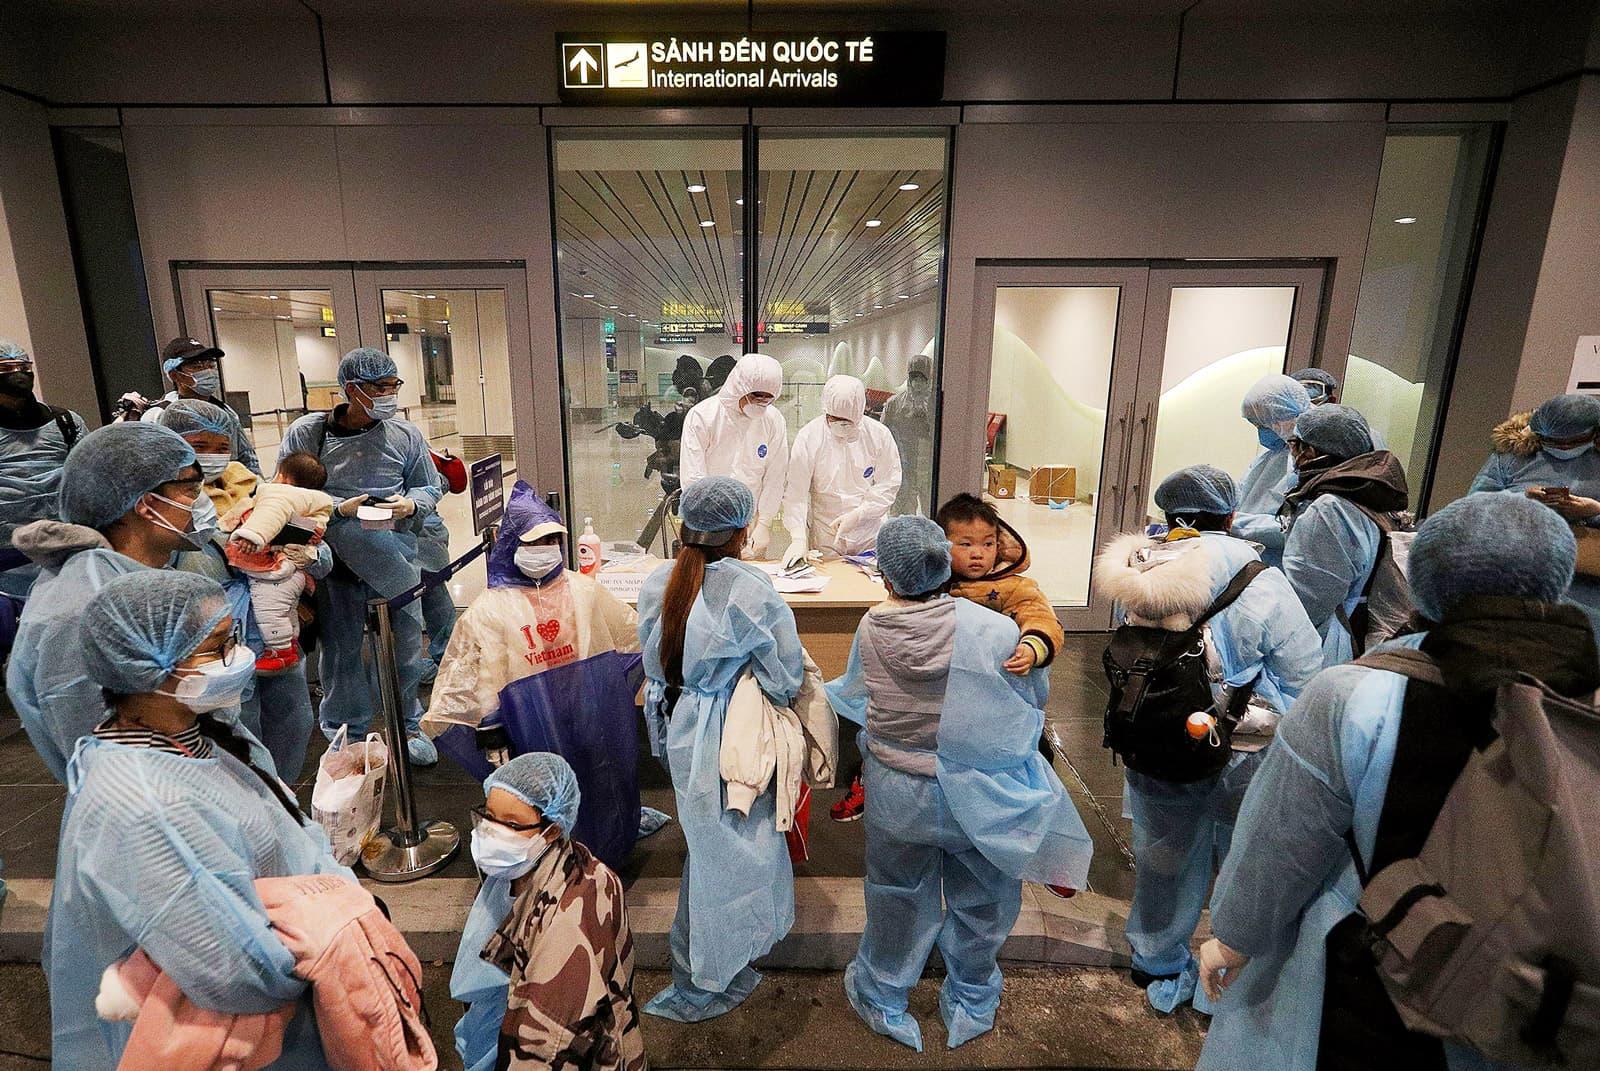 Control mèdic a la porta d'arribades internacionals de l'aeroport de Van Don, Vietnam. Fotografia de Son Nguyen. AFP